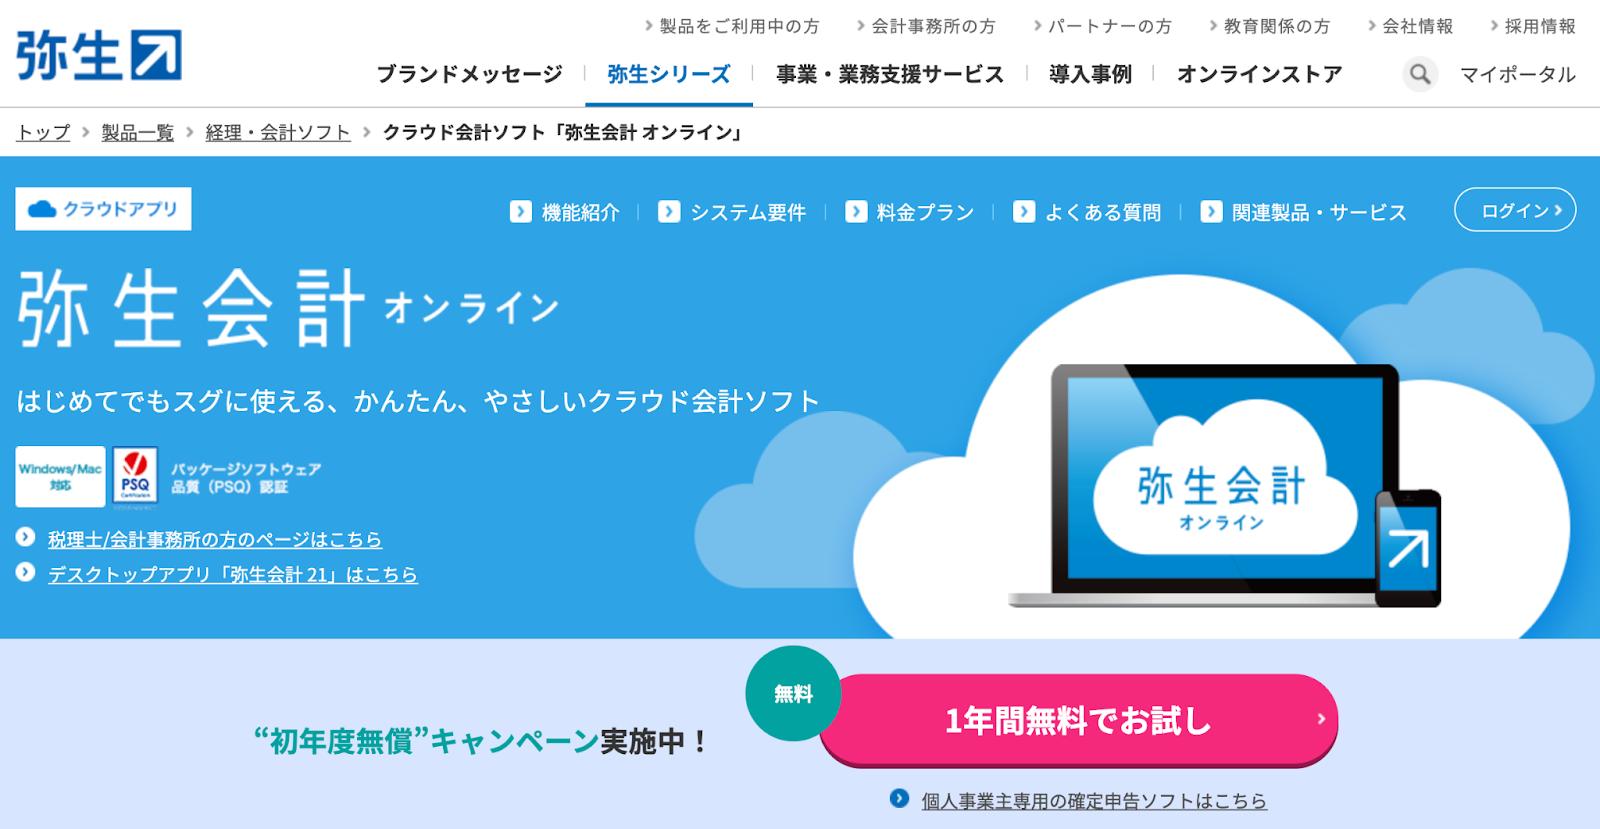 弥生会計オンライントップ画像